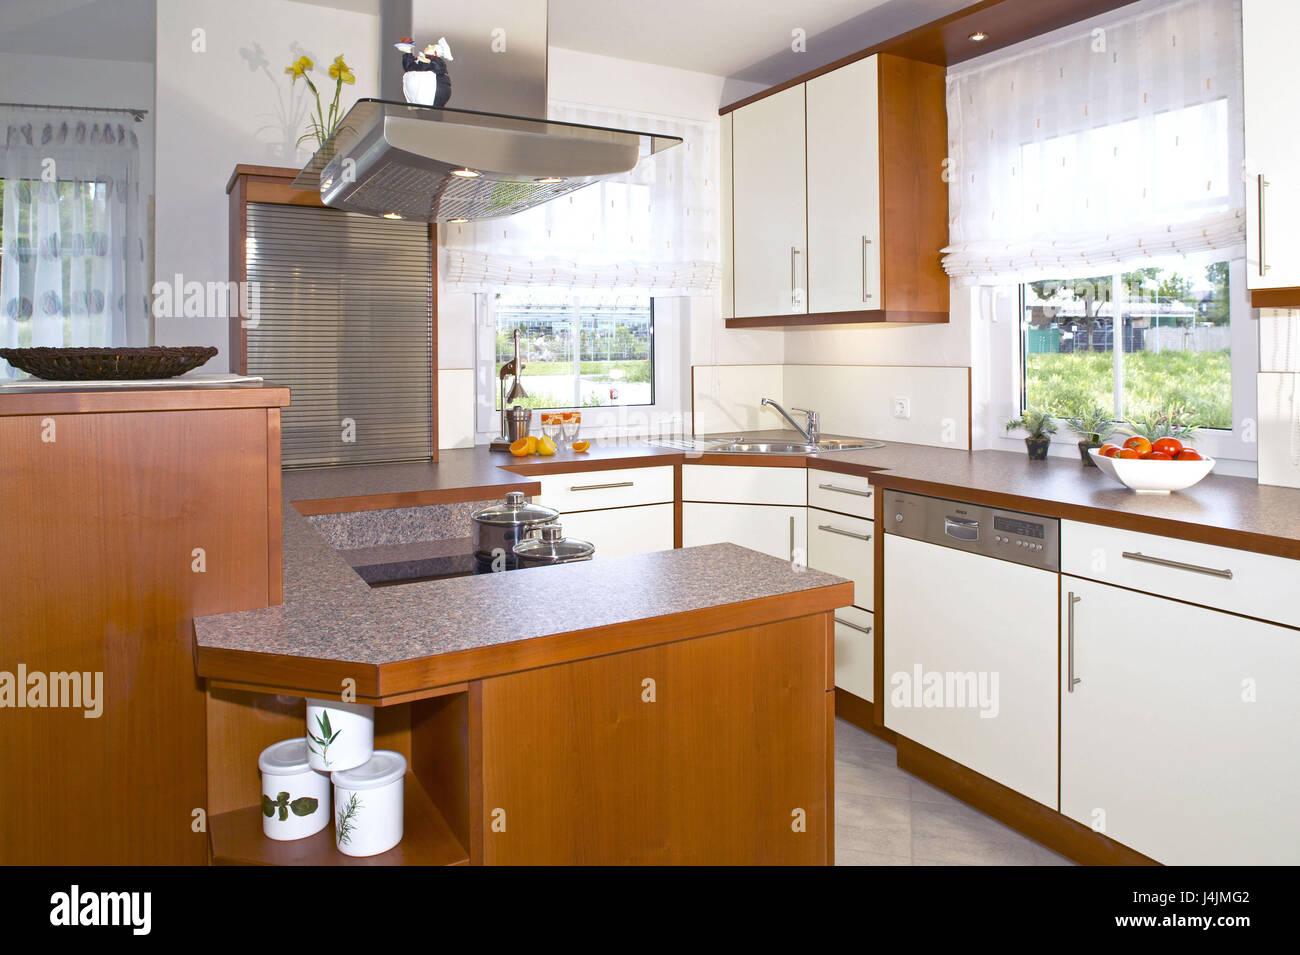 Einfamilienhaus, Wohnung, Leben Platz, Wohnen, Innenraum Erschossen,  Inneneinrichtung, Einrichtung, Modern, Küche Ausgestattet, Küche,  Wohn Design, ...